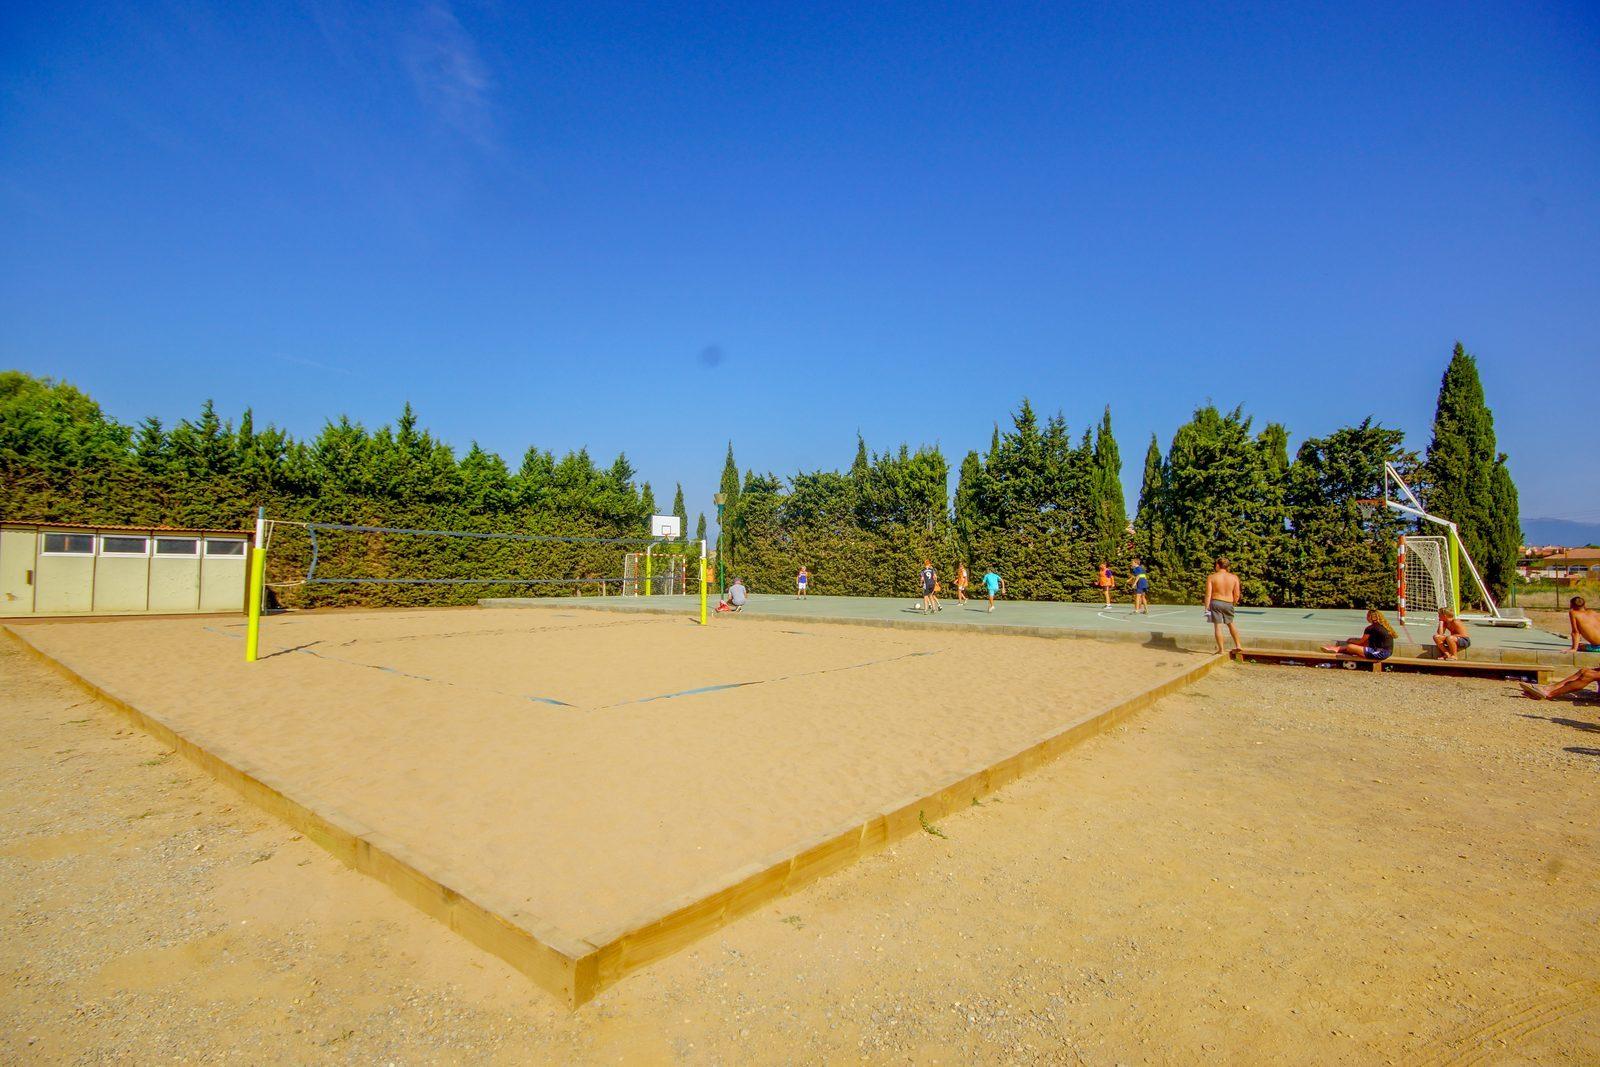 Volleybalveld Vell Emporda